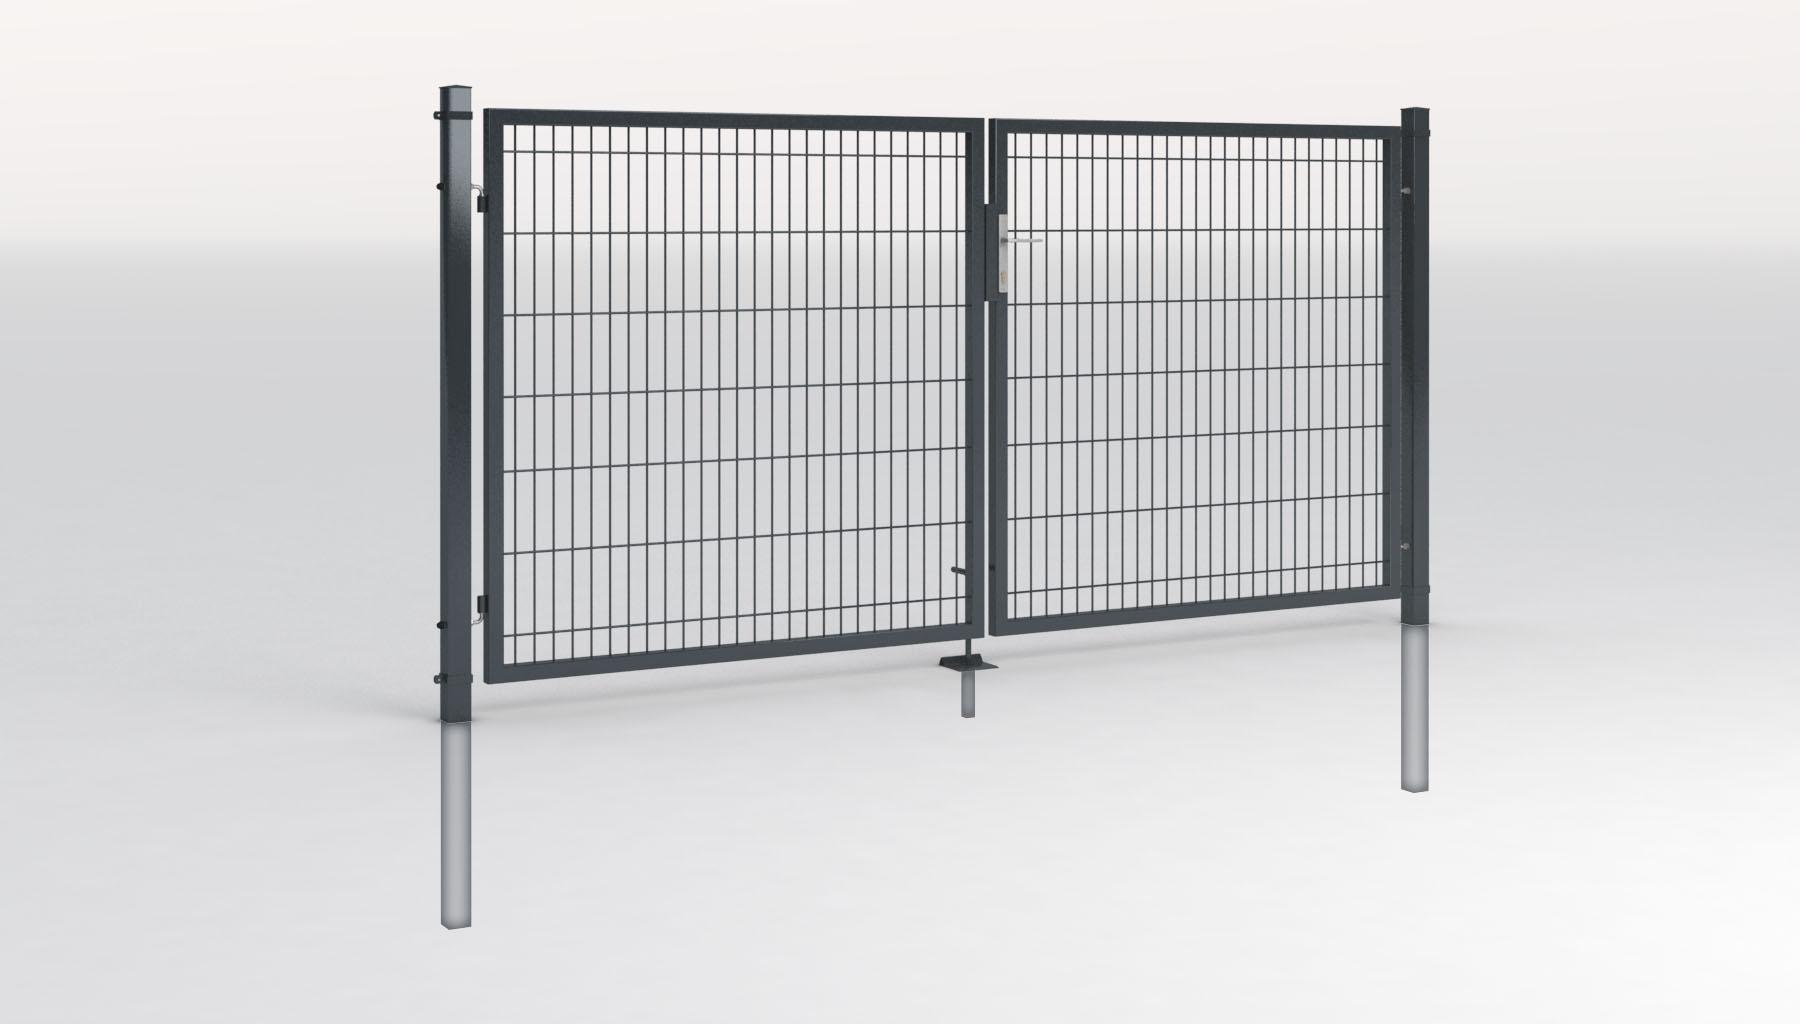 Einfahrtstor-2-Flg-Toranlage-3m-breit-mit-Gitterfuellung-Zauntor-Tor-Gartentor